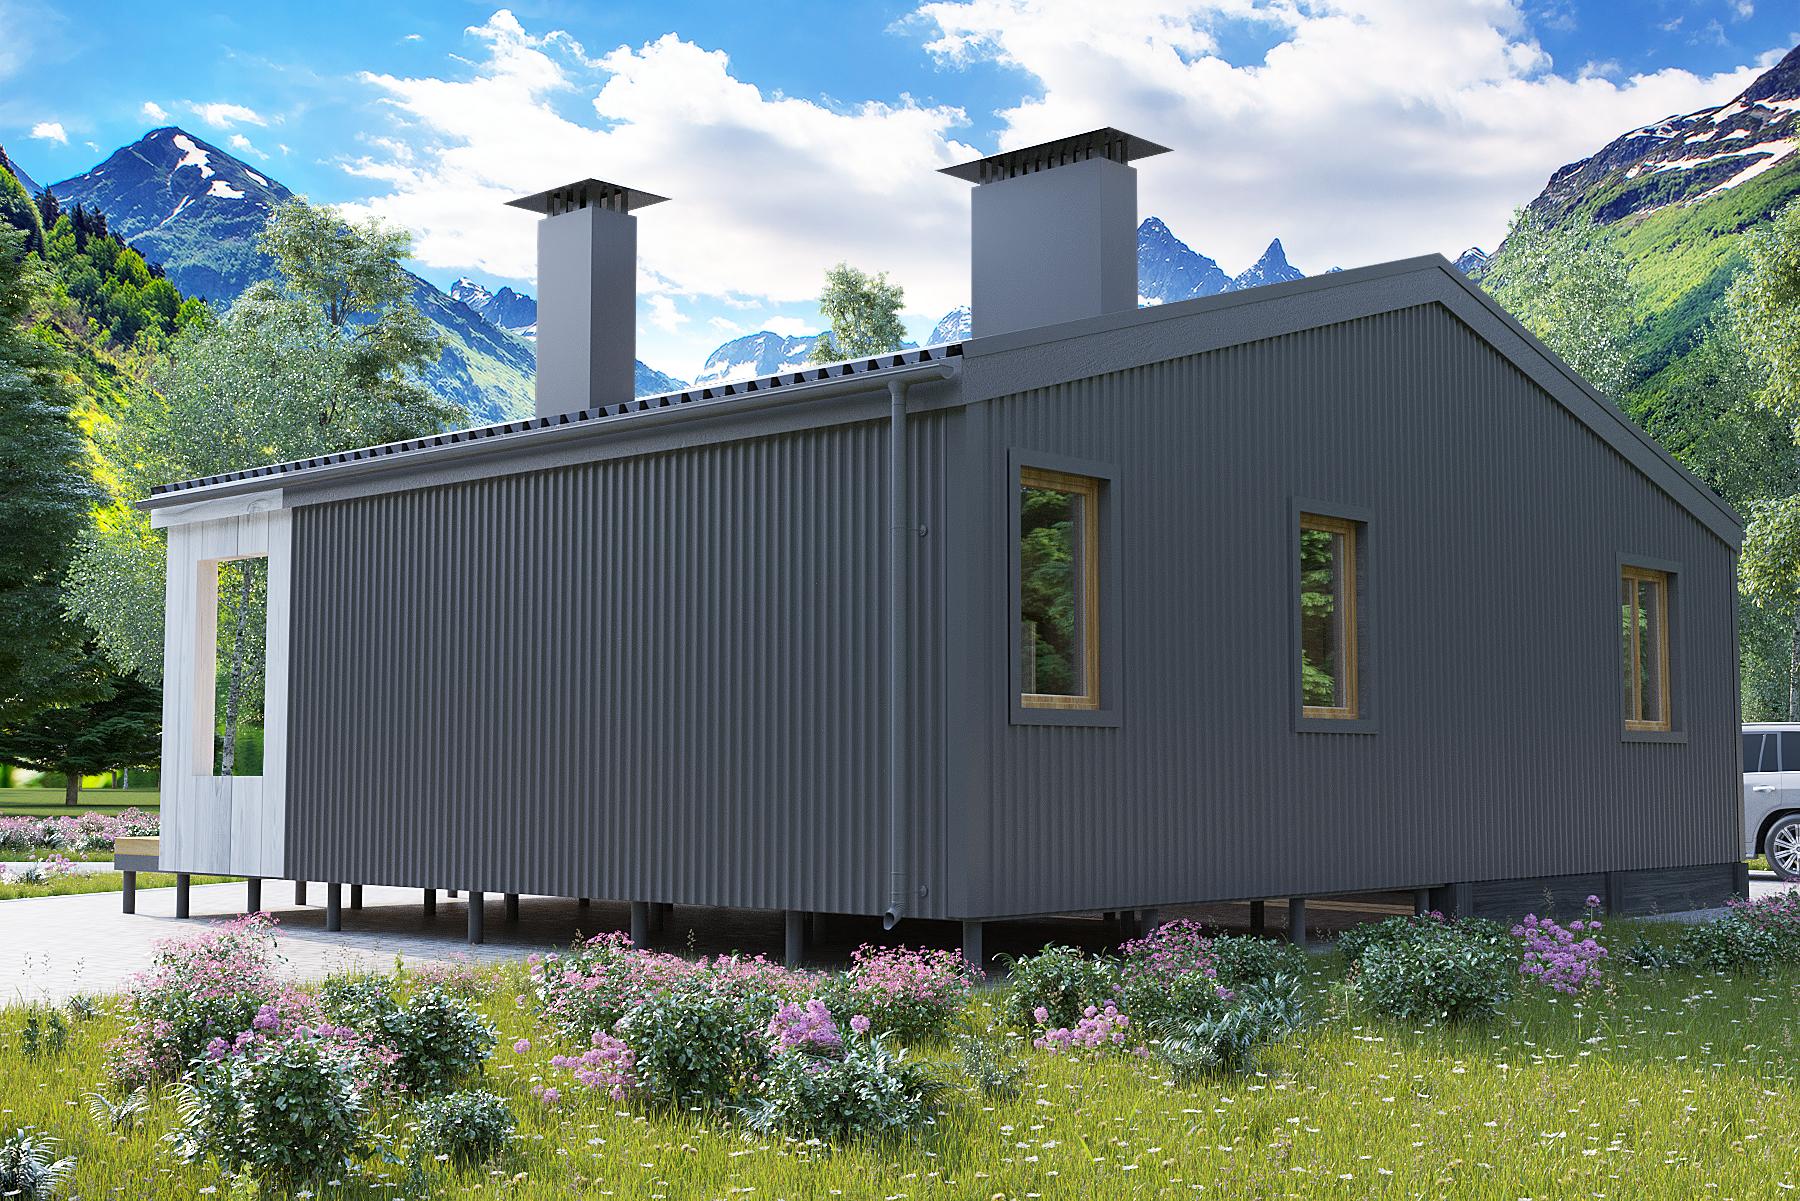 Проект каркасного дома 63 кв.м / Артикул ИВ-174 фасад